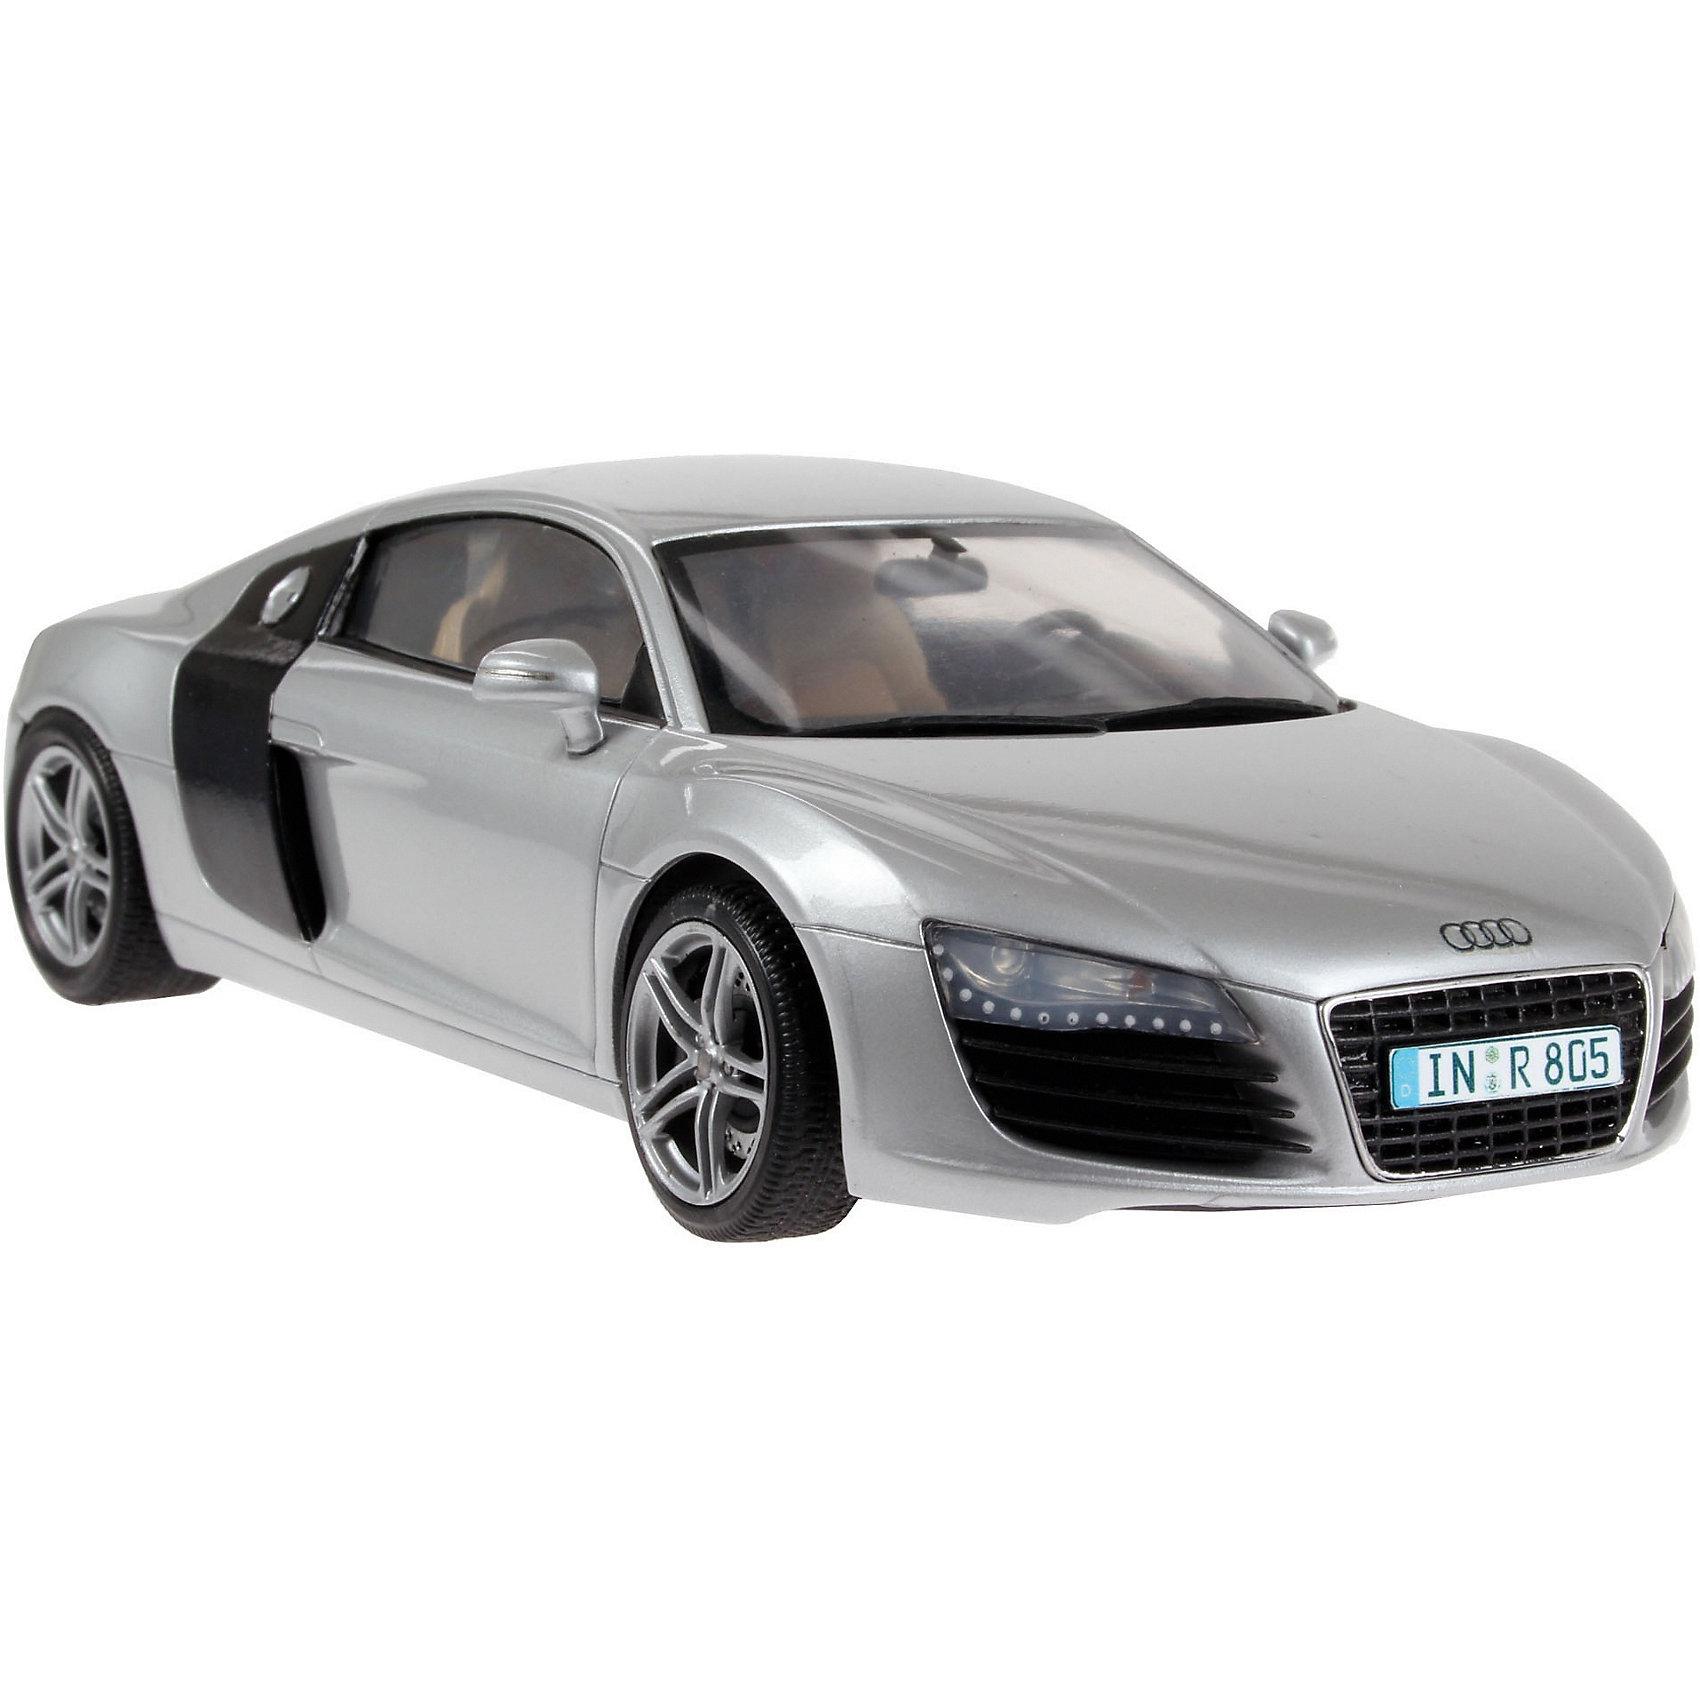 а/м Audi R8 (1:24)Модели для склеивания<br>Масштаб: 1:24; <br>Количество деталей: 106 шт.; <br>Длина модели: 184 мм.; <br><br>Подойдет для детей старше 10-и лет. <br>Модель автомобиля Audi R8 от фирмы Revell является уменьшенной копией одноименного немецкого автомобиля. Впервые произведен в 2007 году в Германии. Модель станет отличным украшением комнаты и дополнением Вашей коллекции. <br>Технические характеристики настоящего автомобиля:  <br>Мощность двигателей: 309 kW; <br>Максимальная скорость: 306 км/ч; <br>ВНИМАНИЕ: Клей, краски и кисточки приобретаются отдельно.<br><br>Ширина мм: 351<br>Глубина мм: 66<br>Высота мм: 212<br>Вес г: 425<br>Возраст от месяцев: 36<br>Возраст до месяцев: 1164<br>Пол: Мужской<br>Возраст: Детский<br>SKU: 1632303